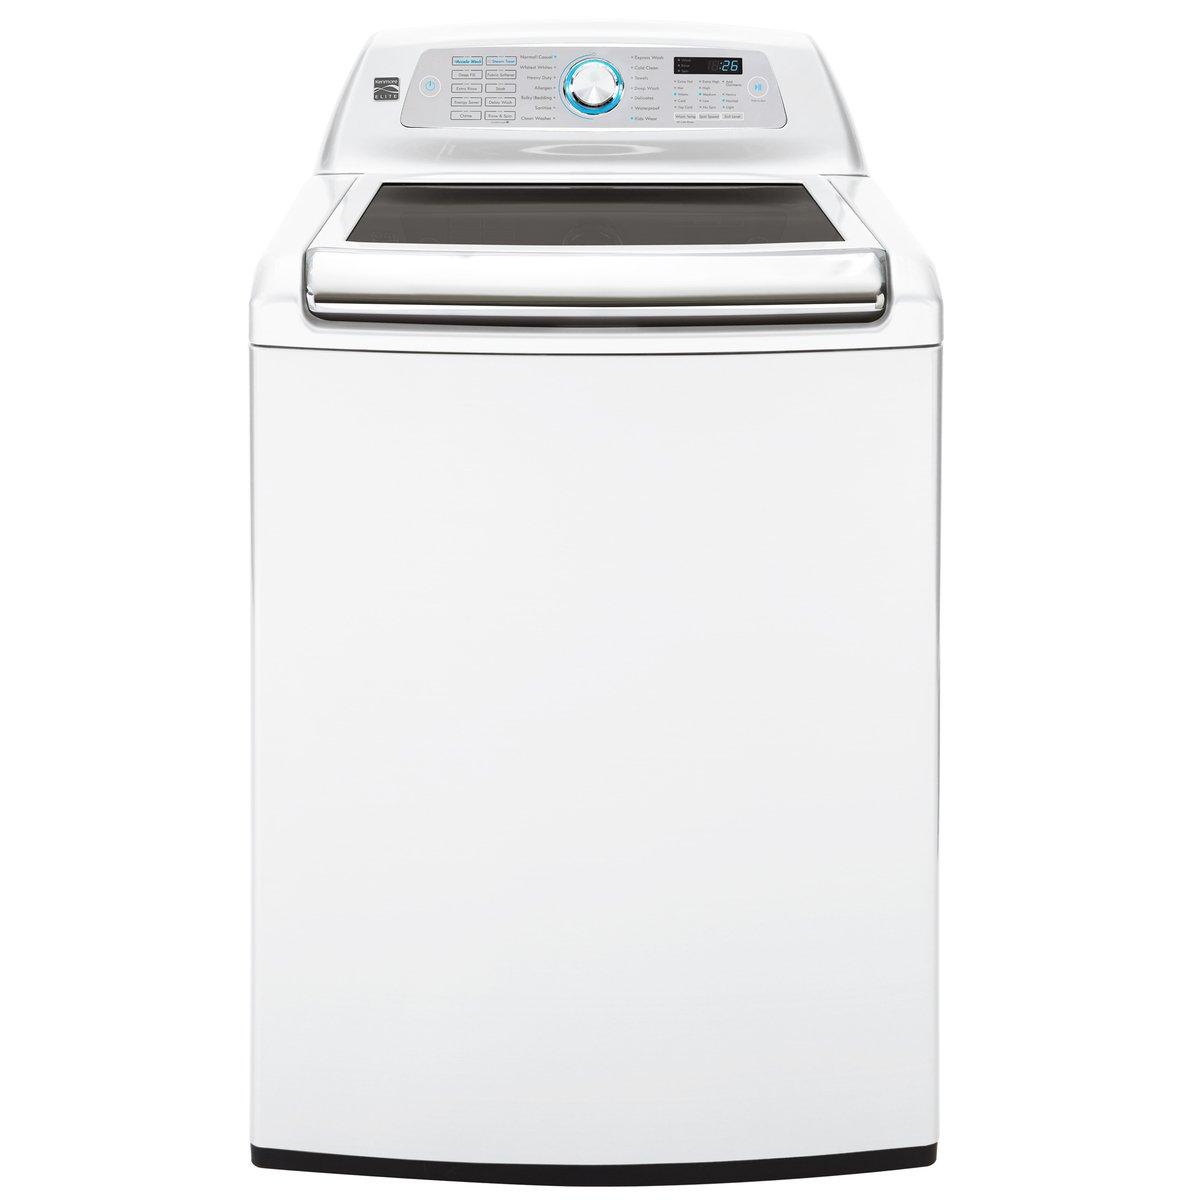 Best Washing Machines 2019 Top Picks Amp Reviews